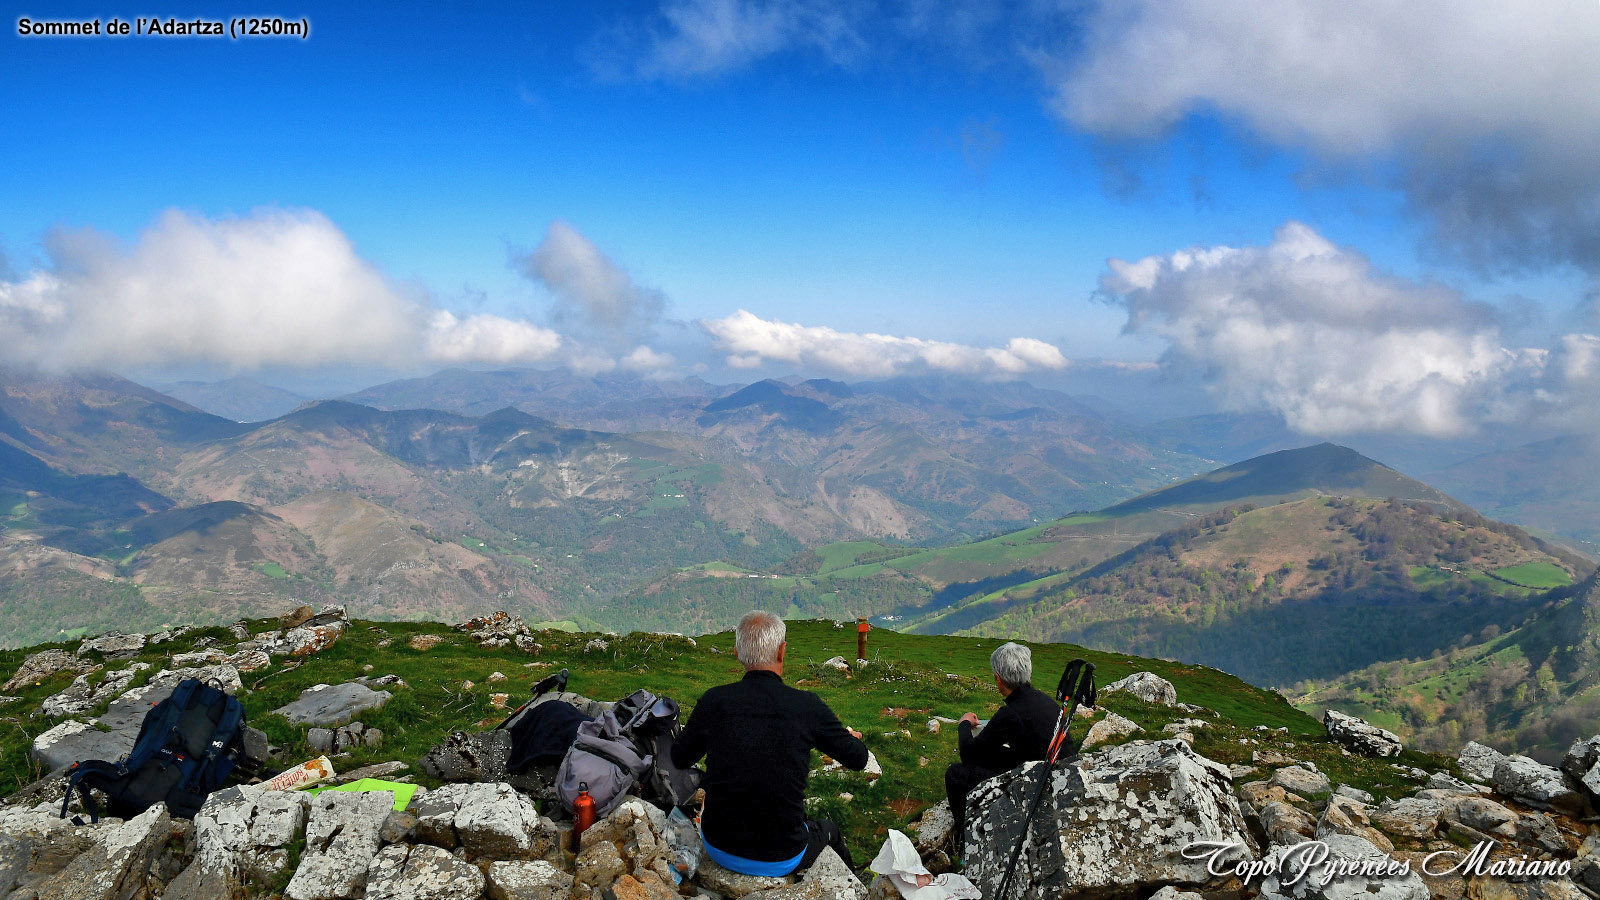 Randonnée L'Adartza 1250m depuis le col d'Aharza